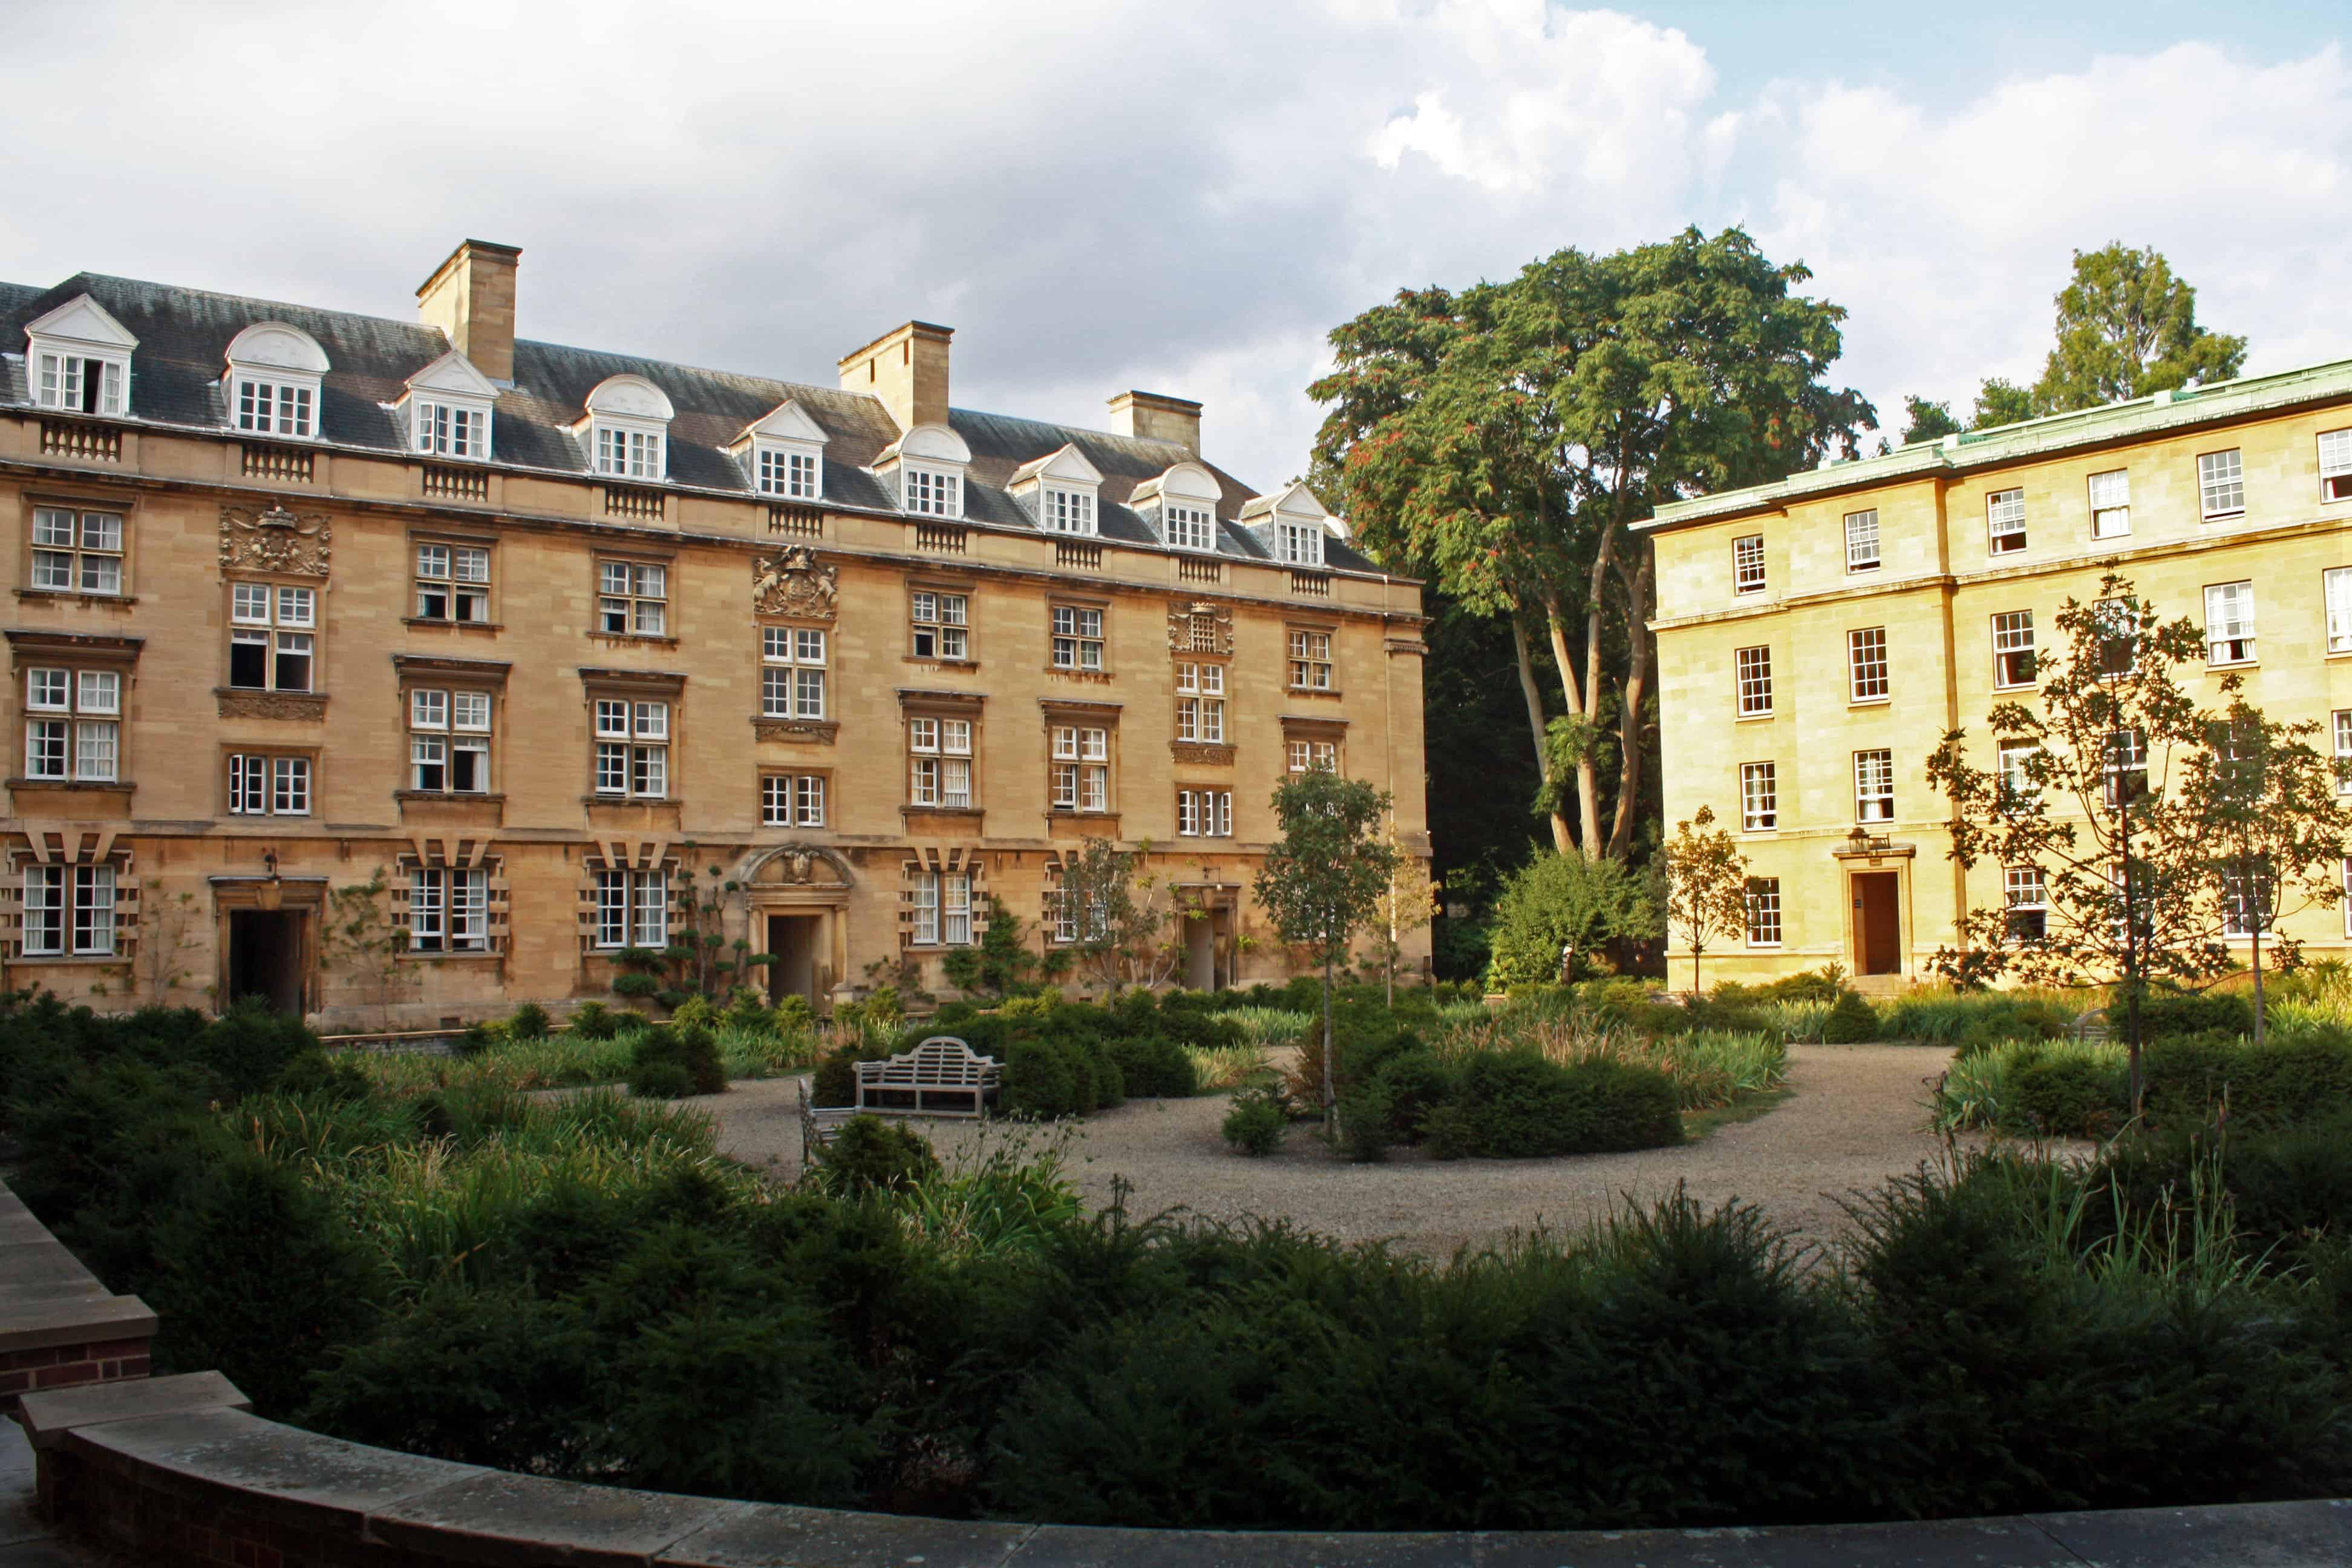 Christ's College, University of Cambridge